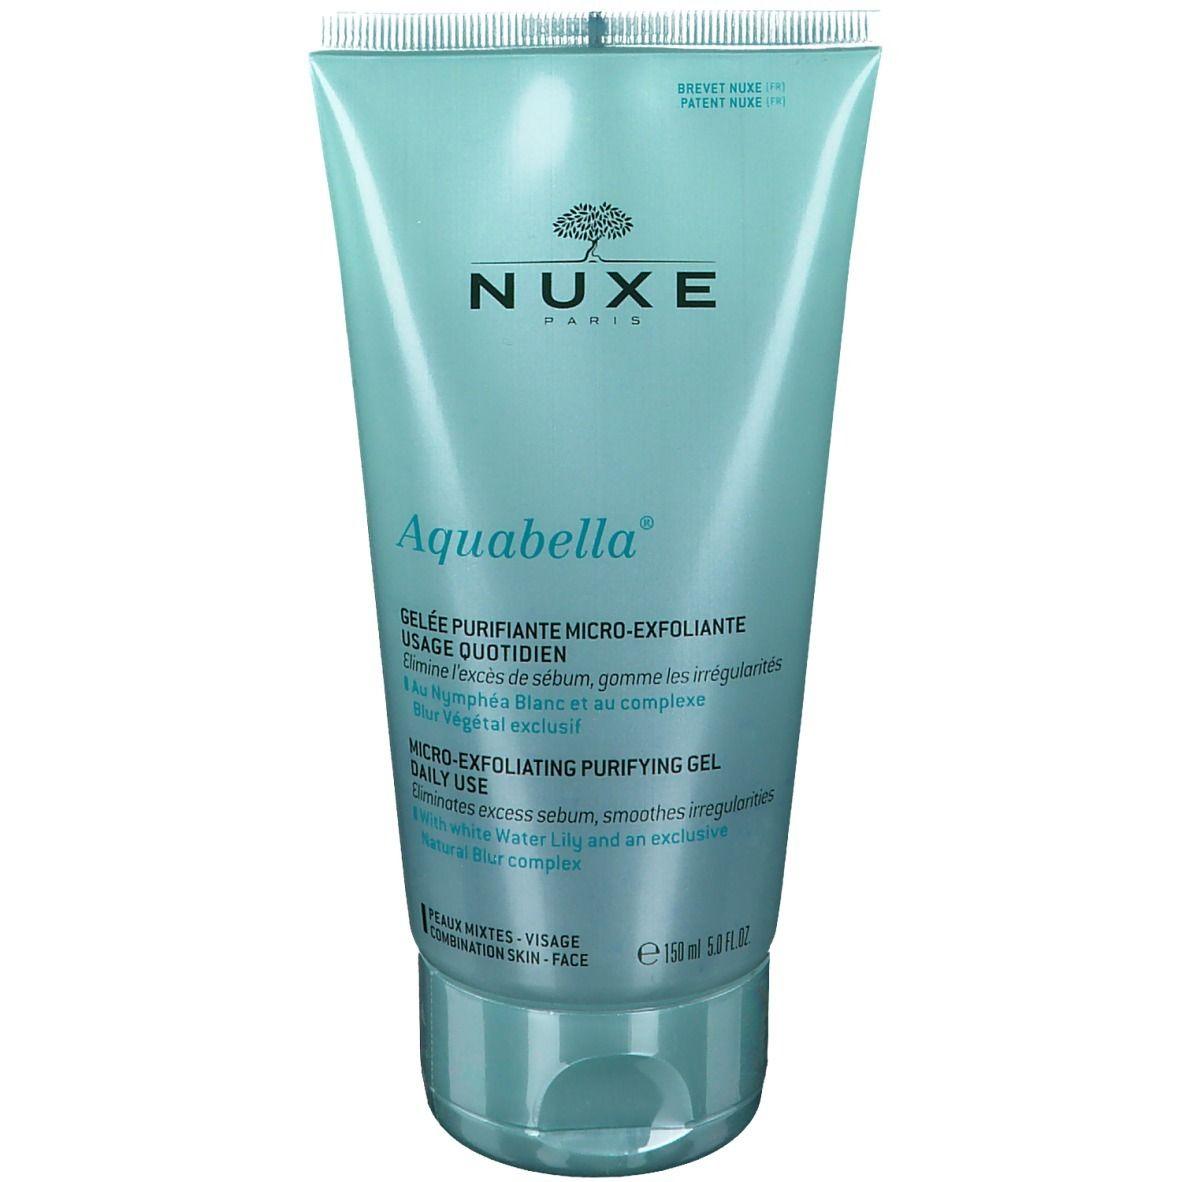 Nuxe Aquabella Gelée Purifiante Micro-exfoliante usage quotidien ml gel(s)